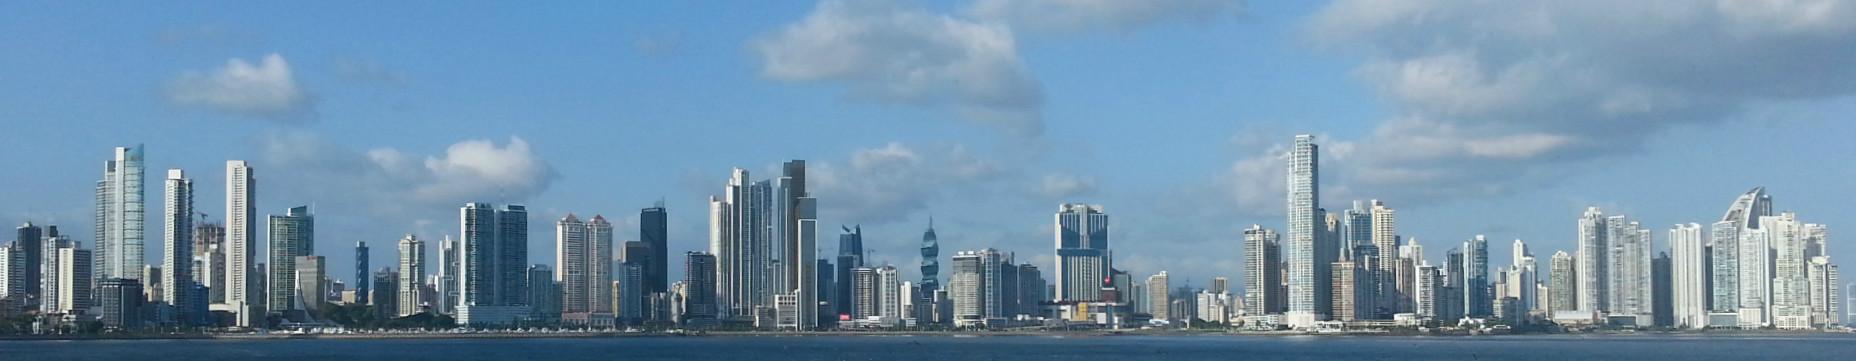 Skyline Panama City, Panama.